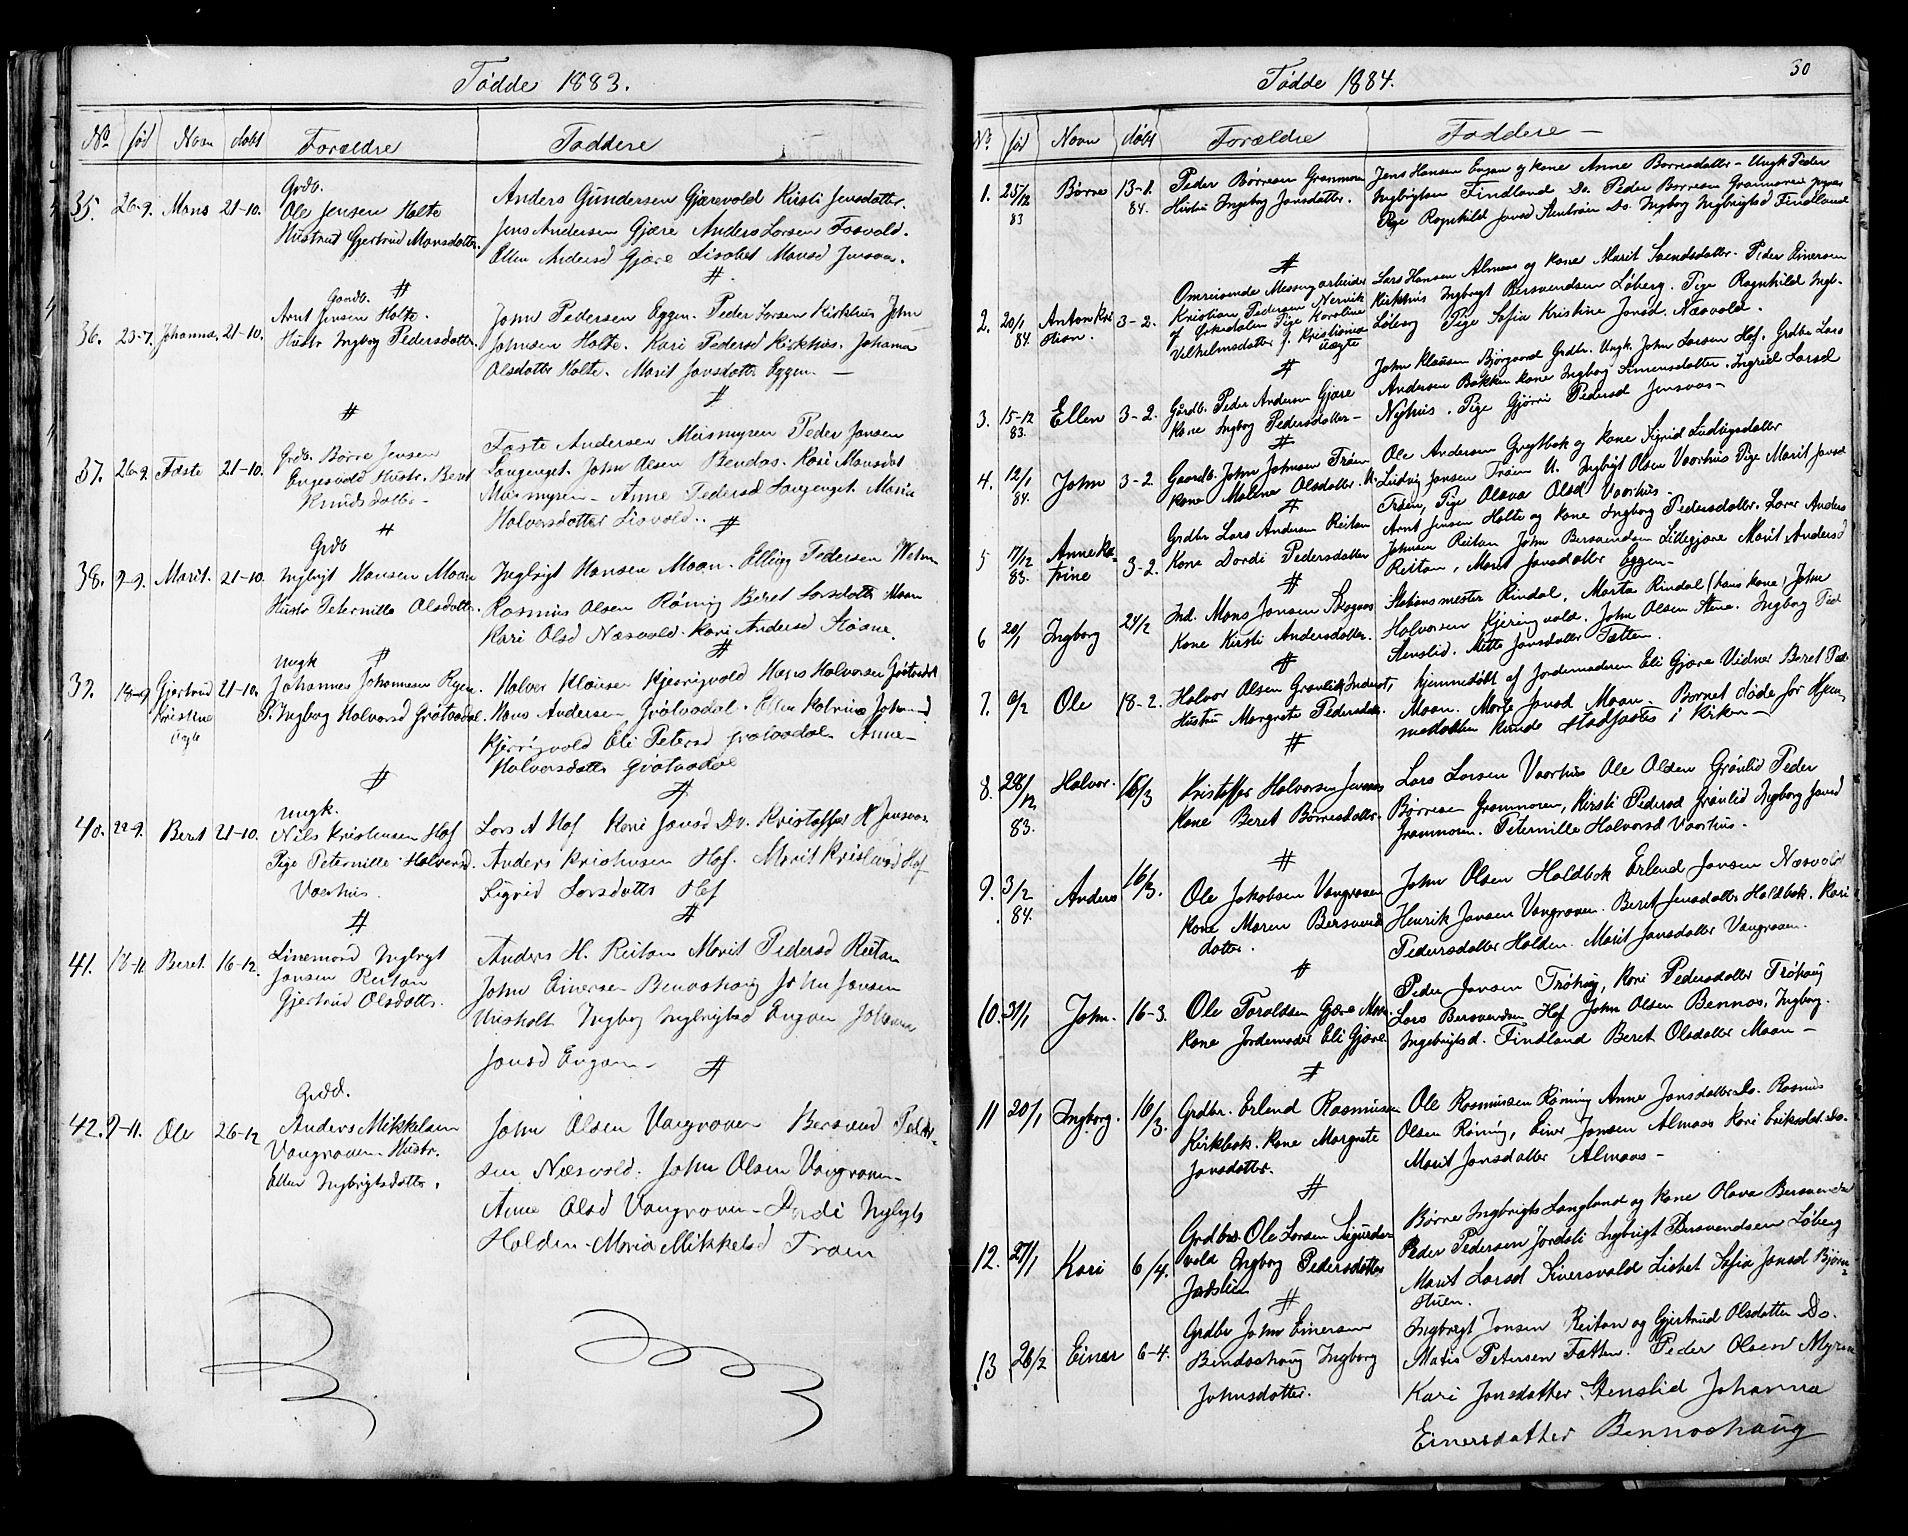 SAT, Ministerialprotokoller, klokkerbøker og fødselsregistre - Sør-Trøndelag, 686/L0985: Klokkerbok nr. 686C01, 1871-1933, s. 30